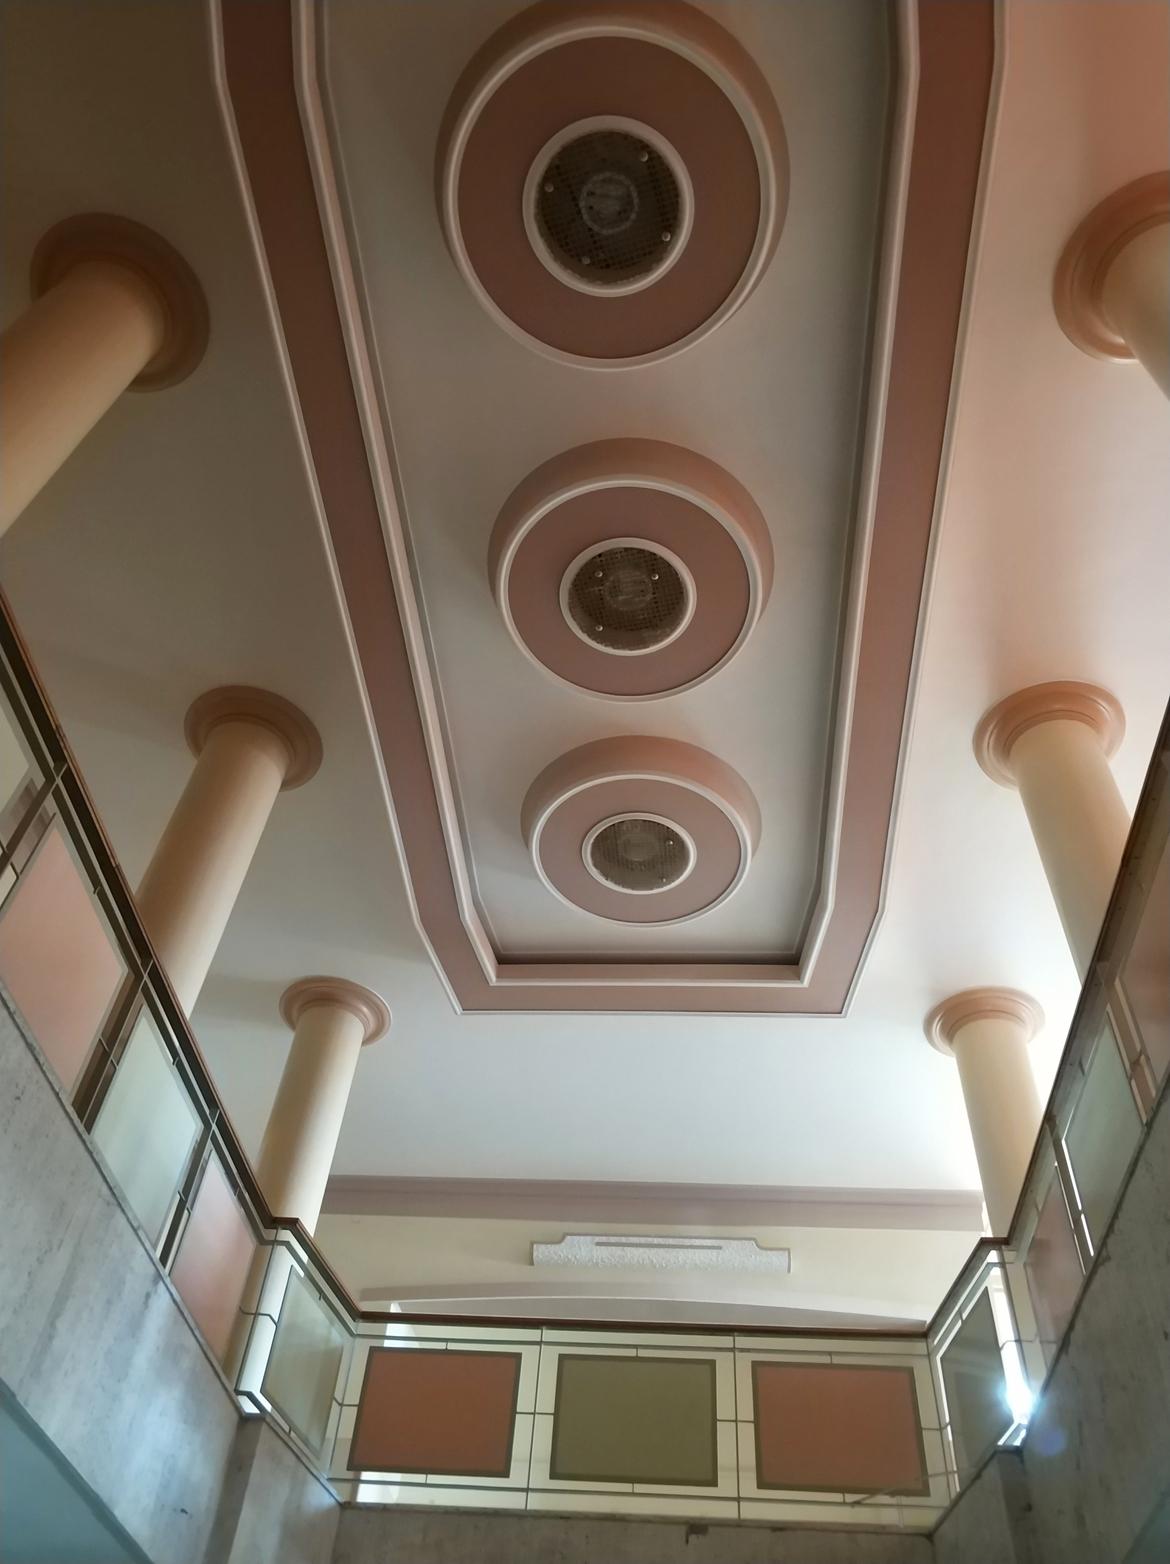 006-rekonstrukcia-priestorov-dk-javorina-stara-tura-pavlech-architekti-atrium2